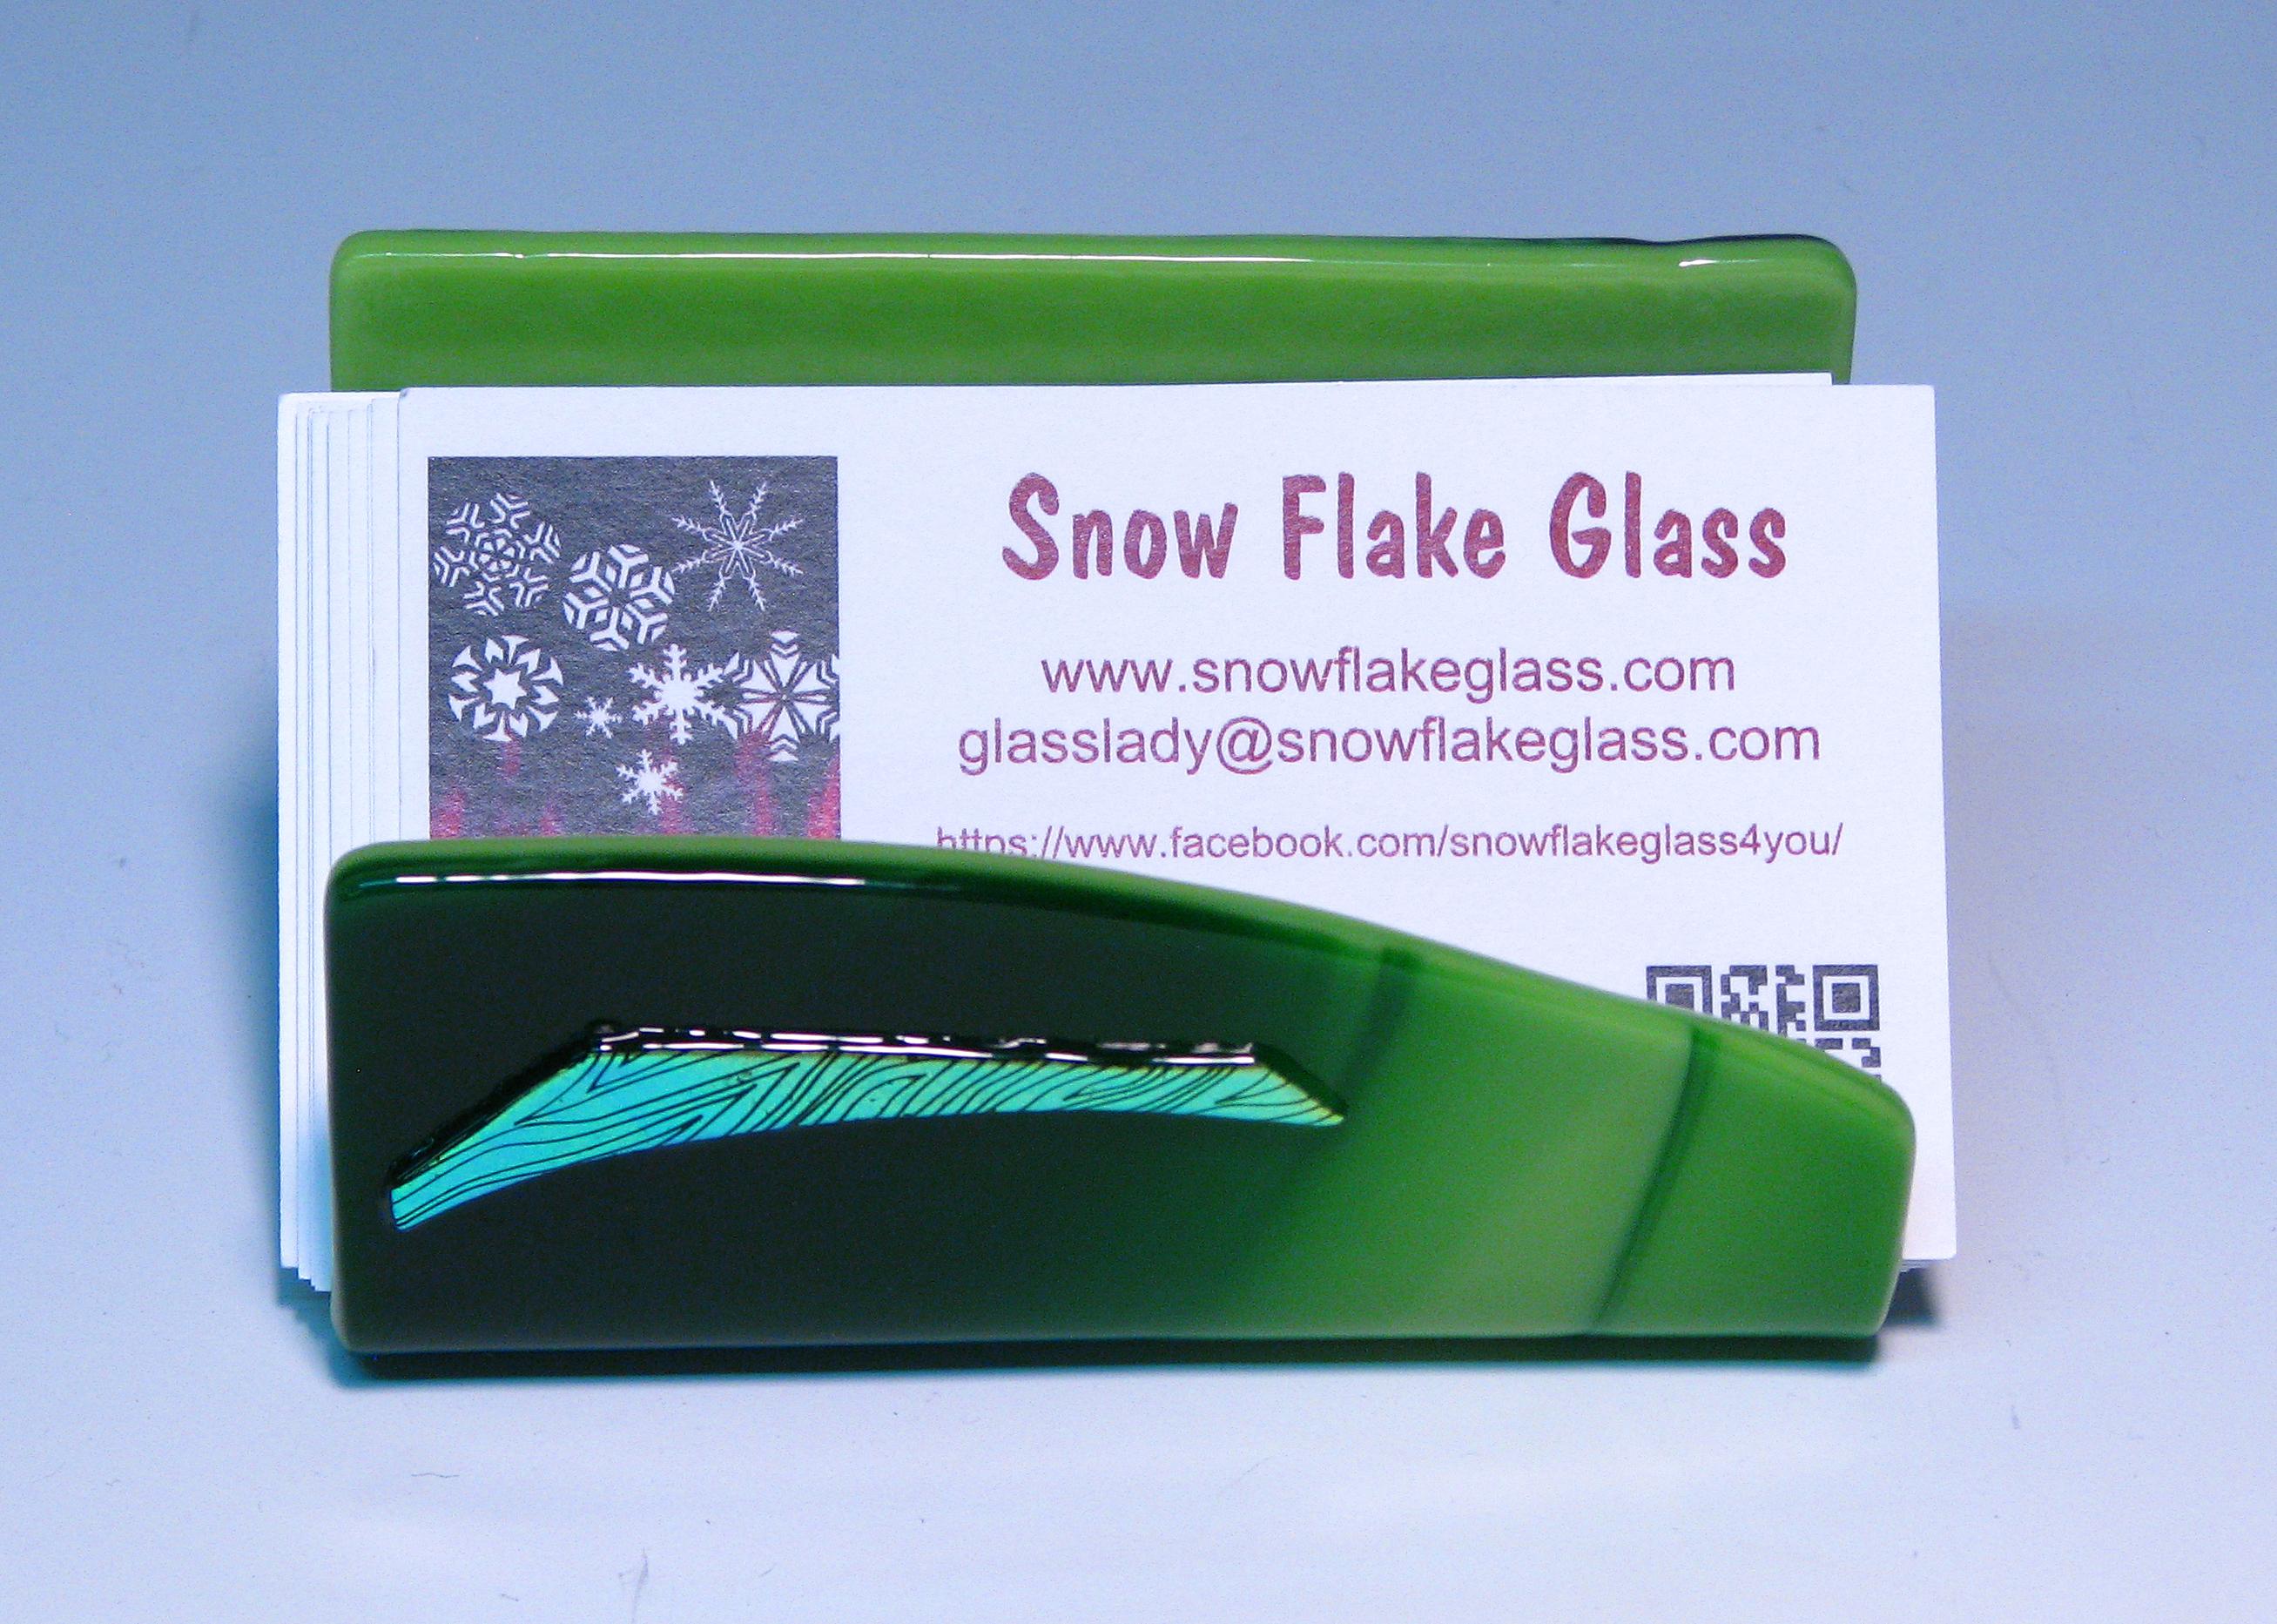 Snow Flake Glass Desk Accessories